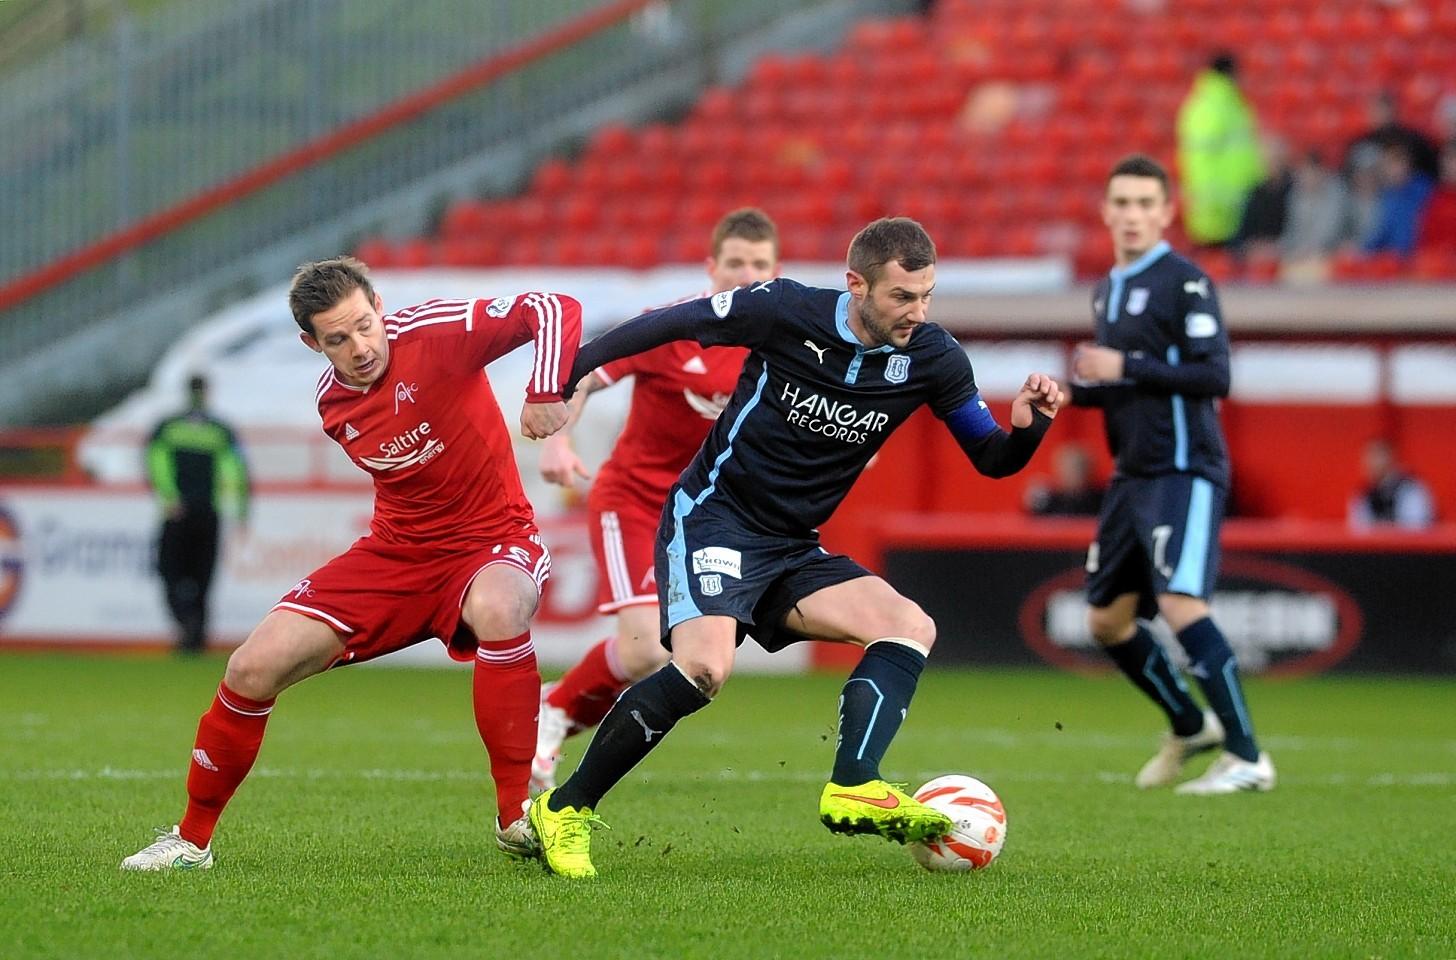 Dundee v Aberdeen kicks off at 12.30